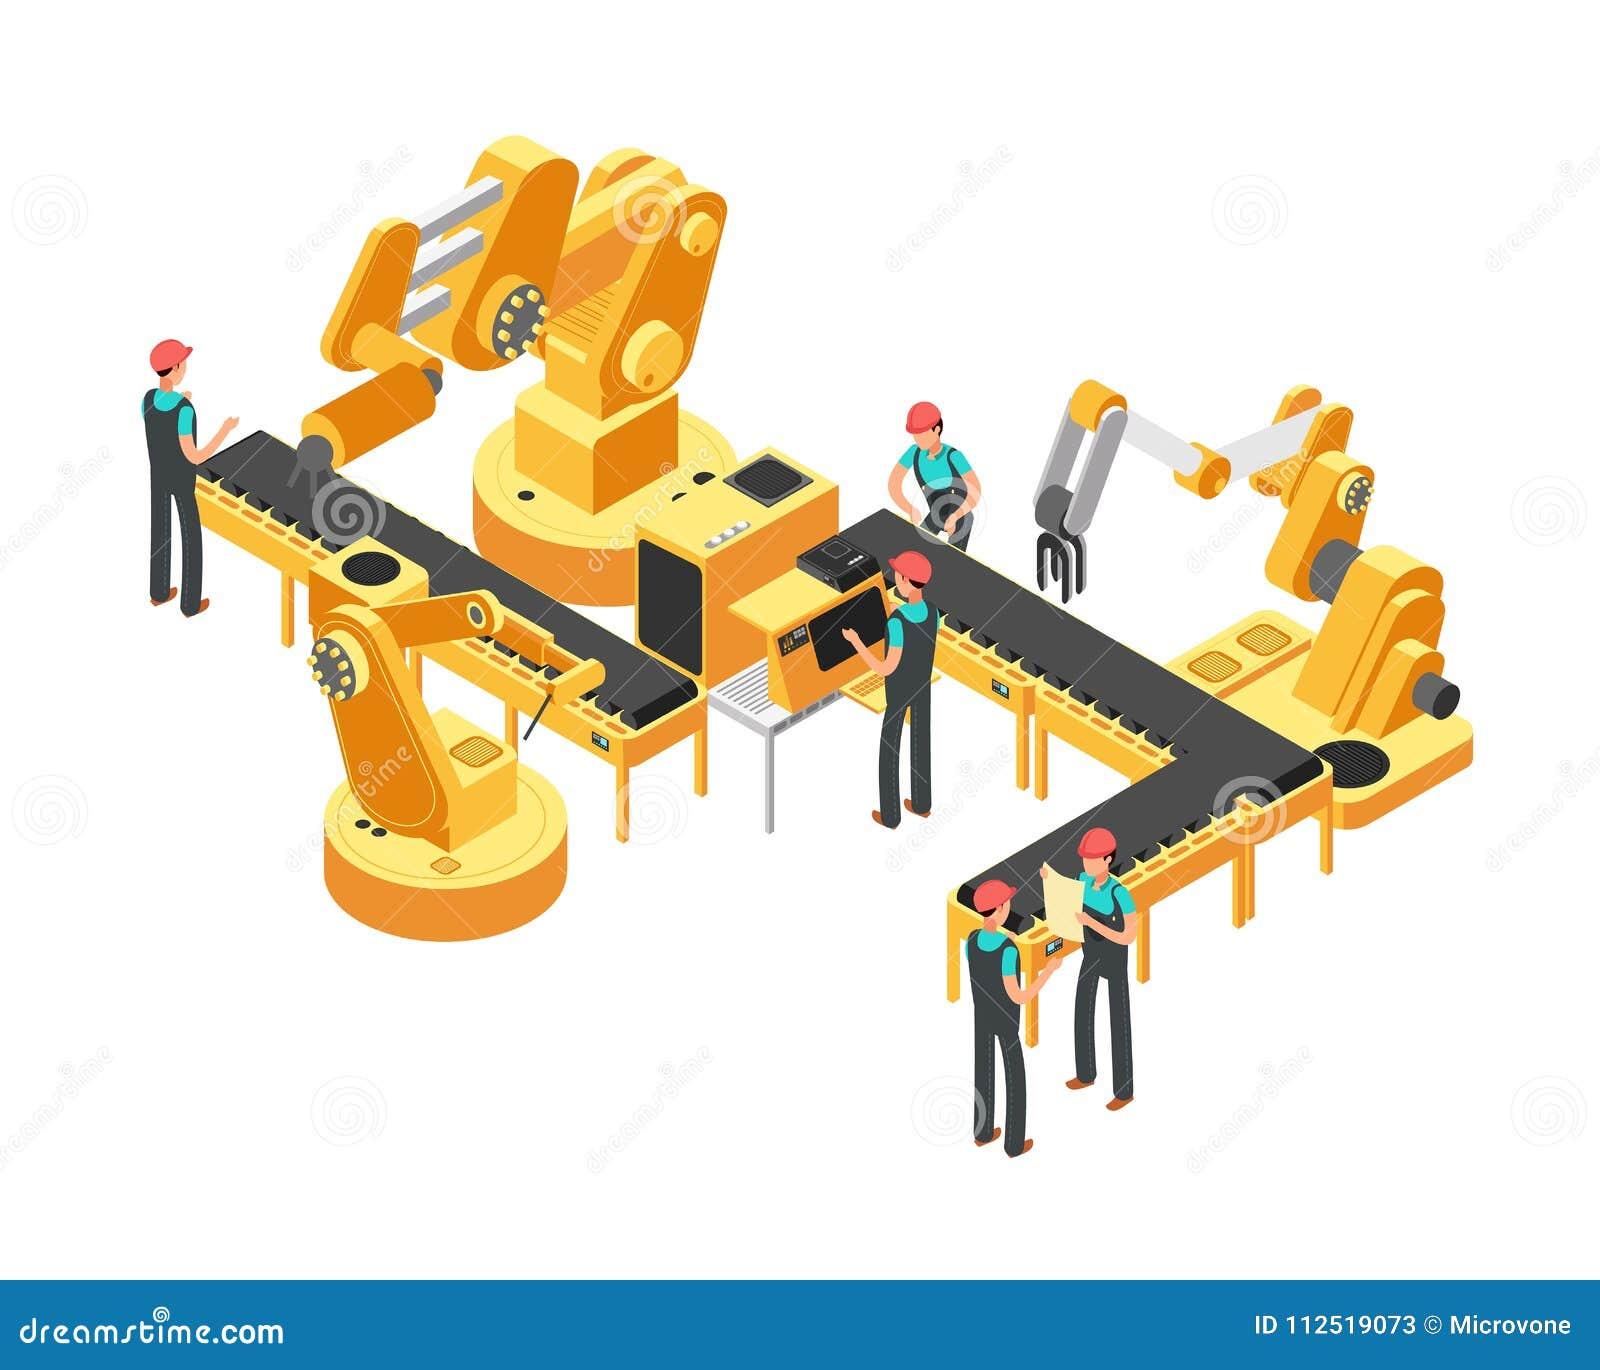 Автоматизация транспортера ковшовой элеватор